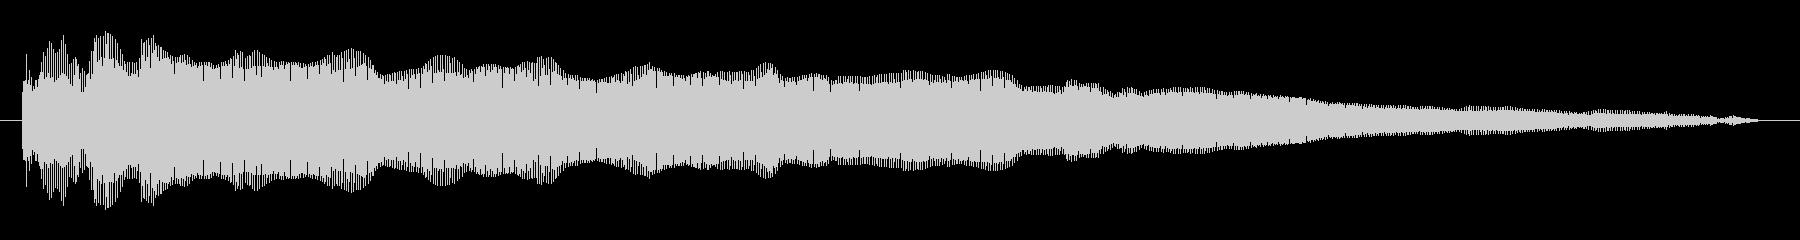 素材 ディジュリドゥジャンプスロー02の未再生の波形